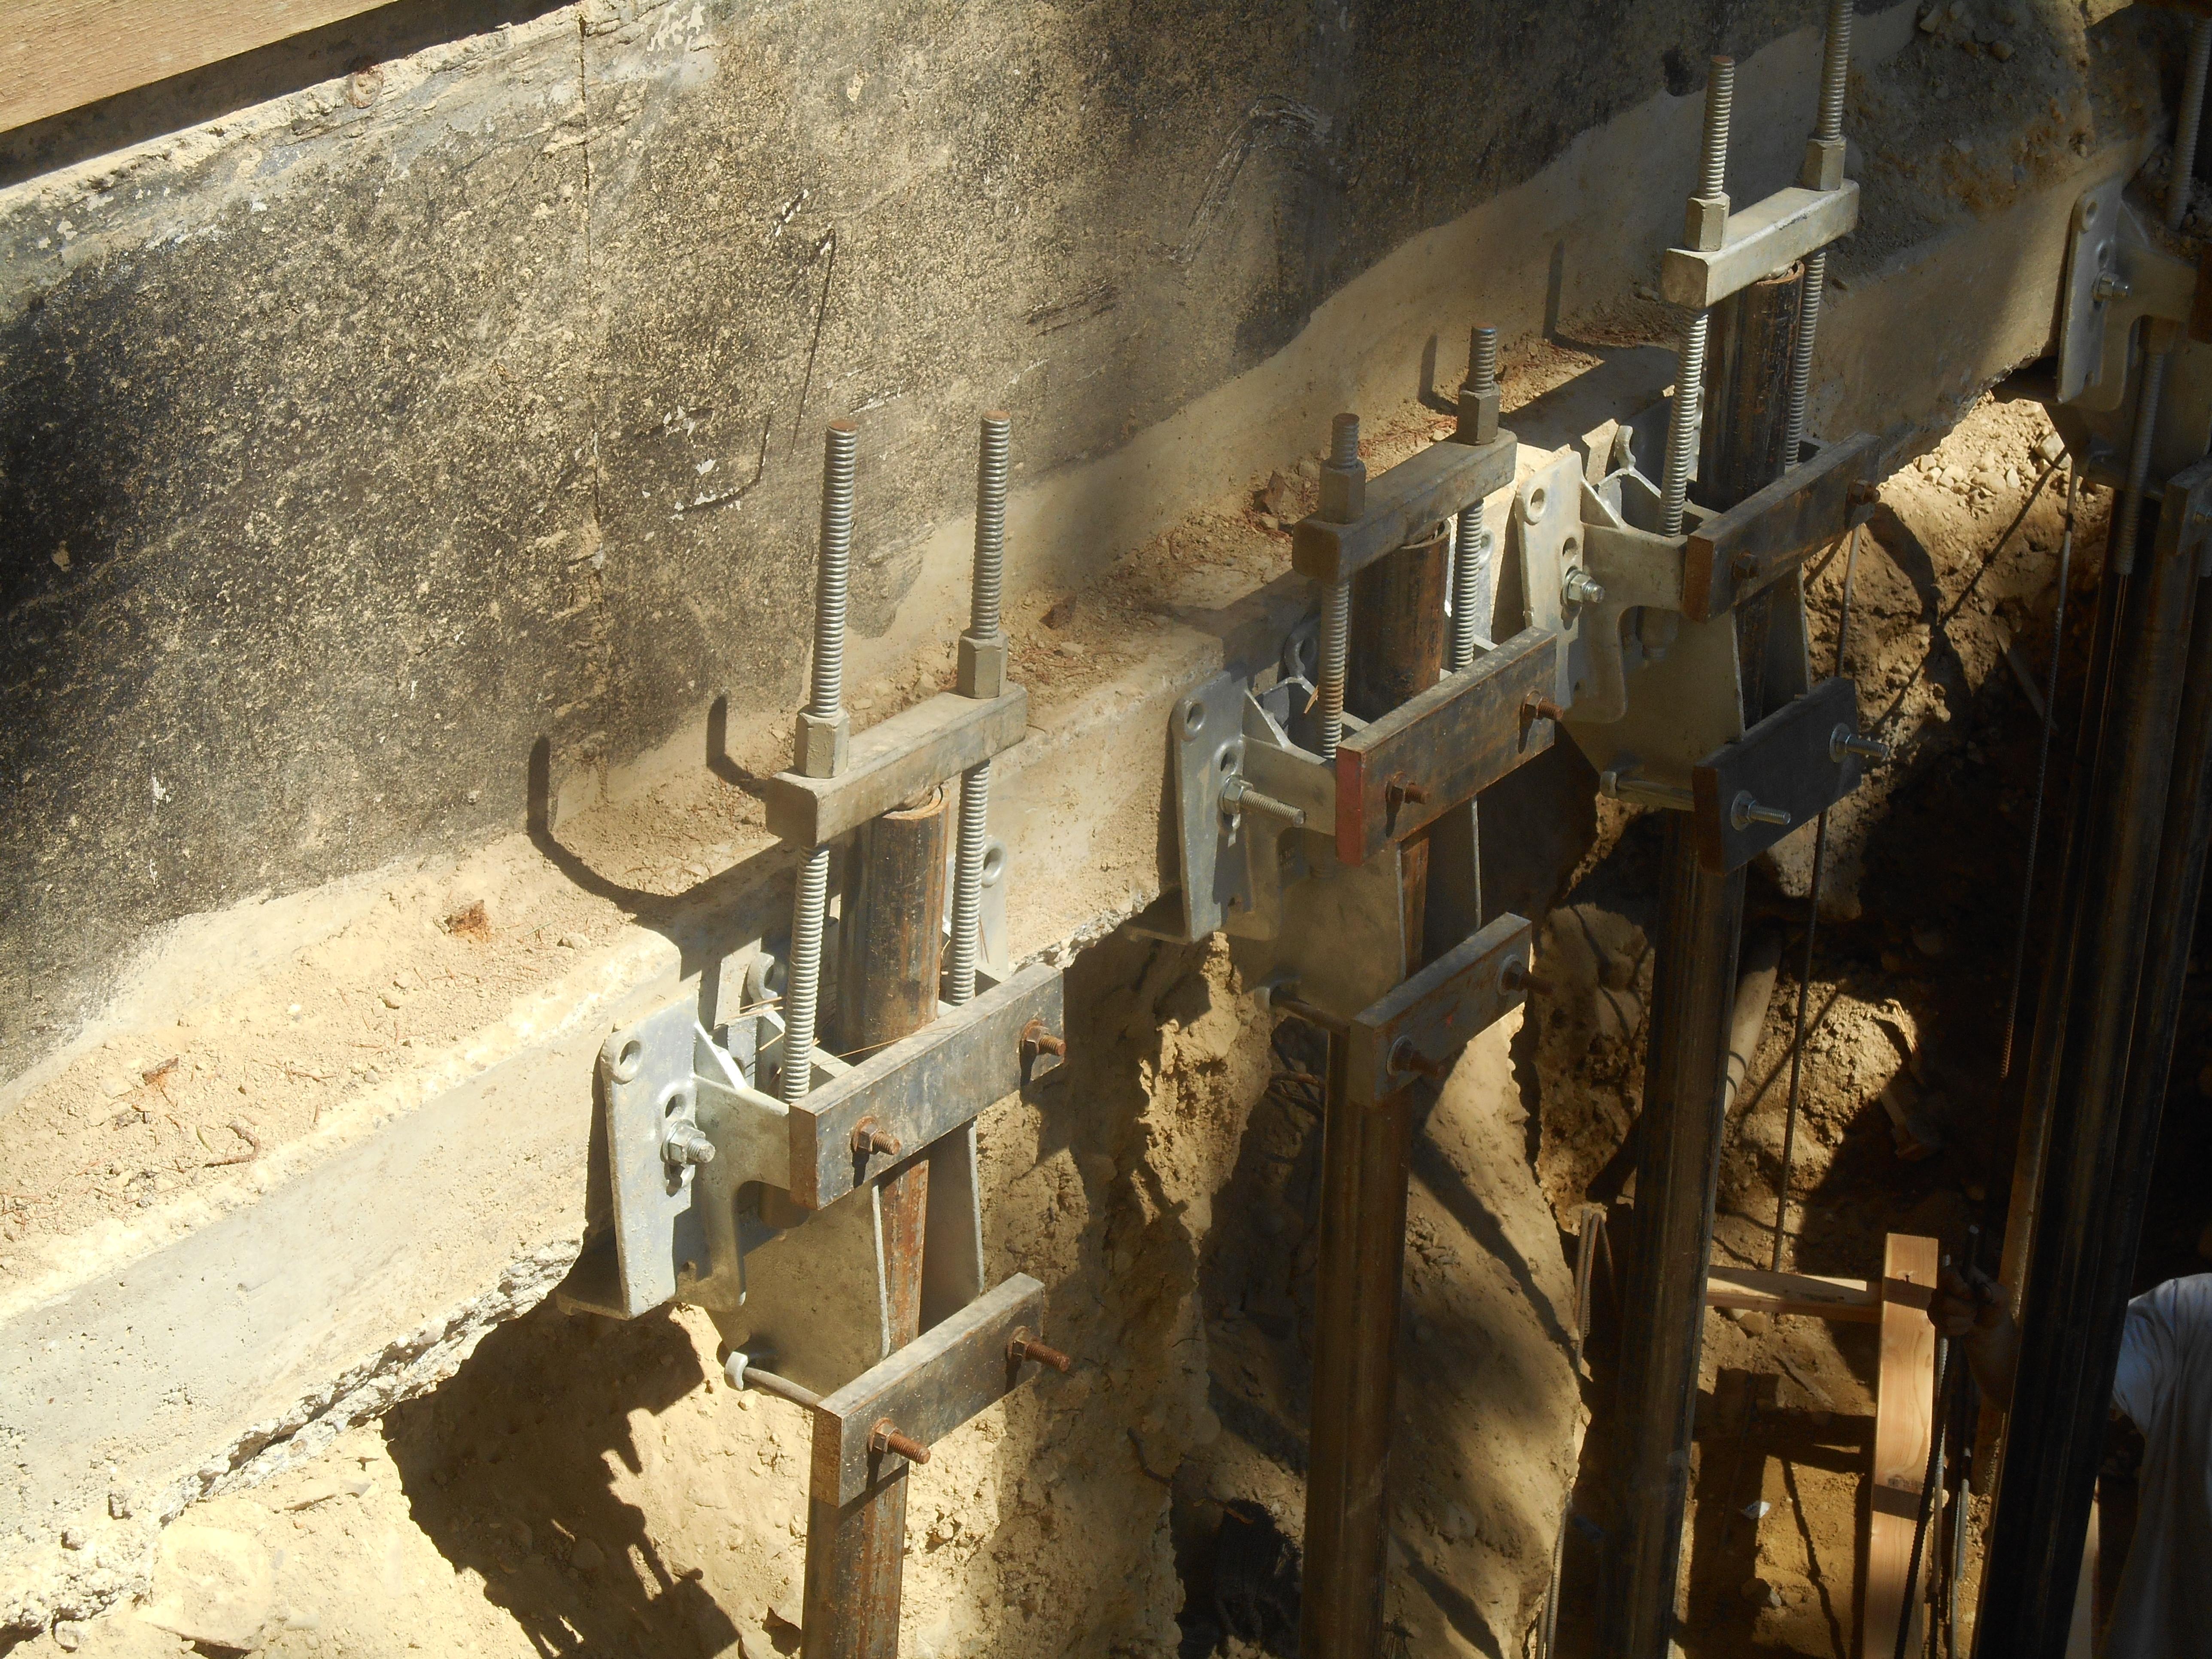 foundation repair pin piles